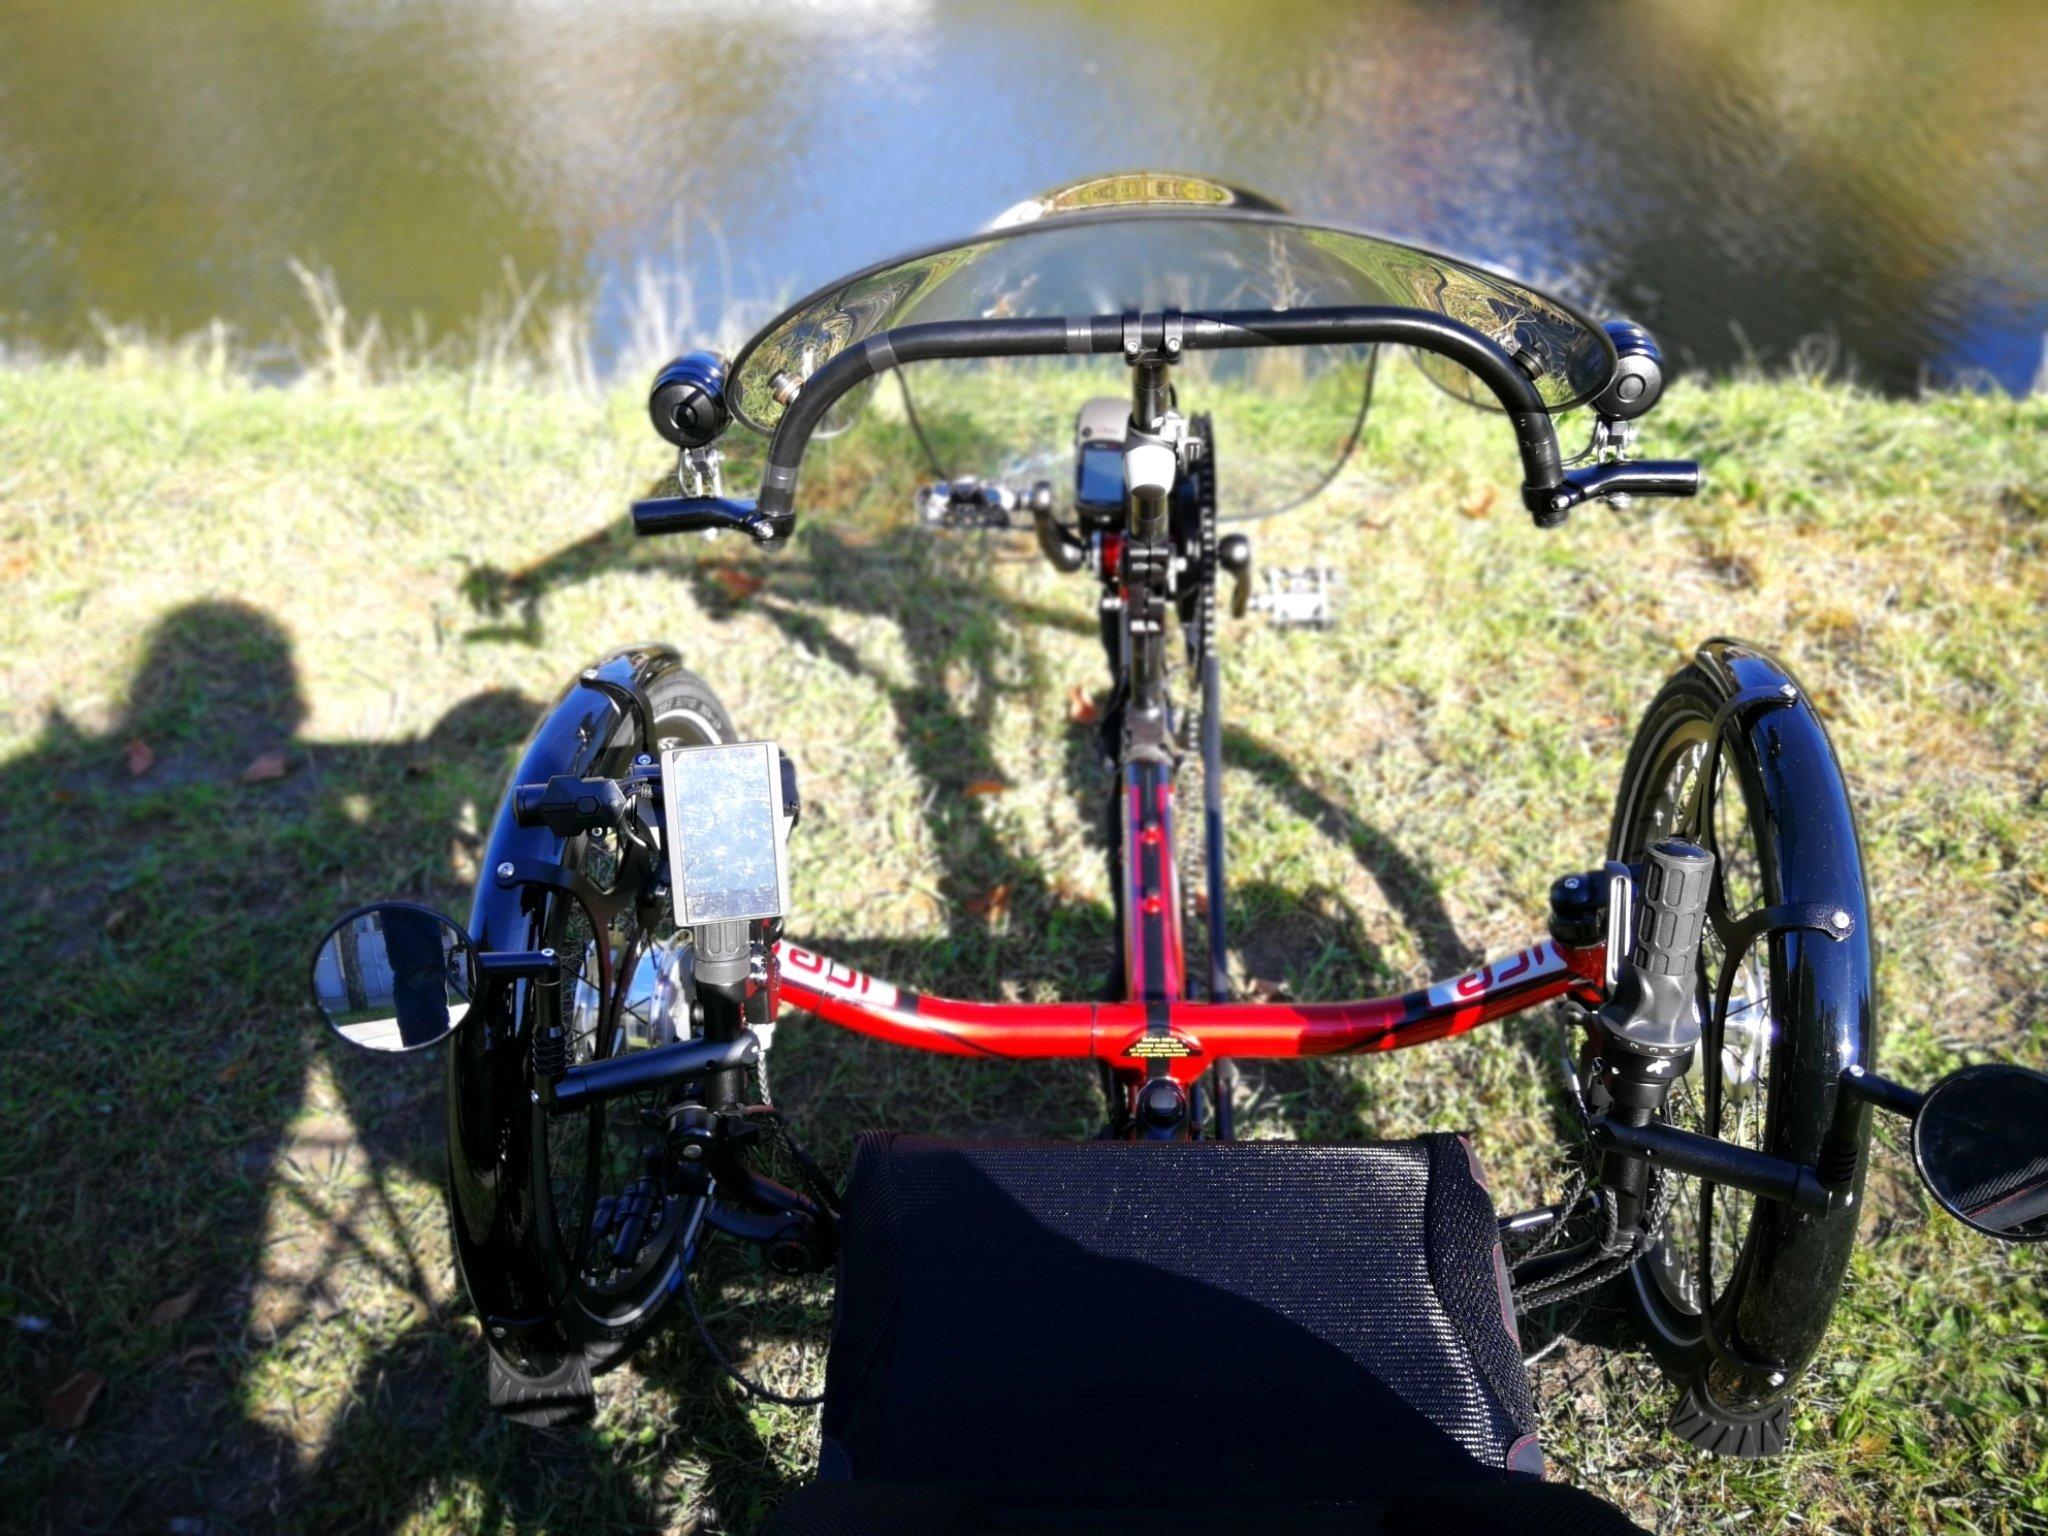 Sprint rs e-trike